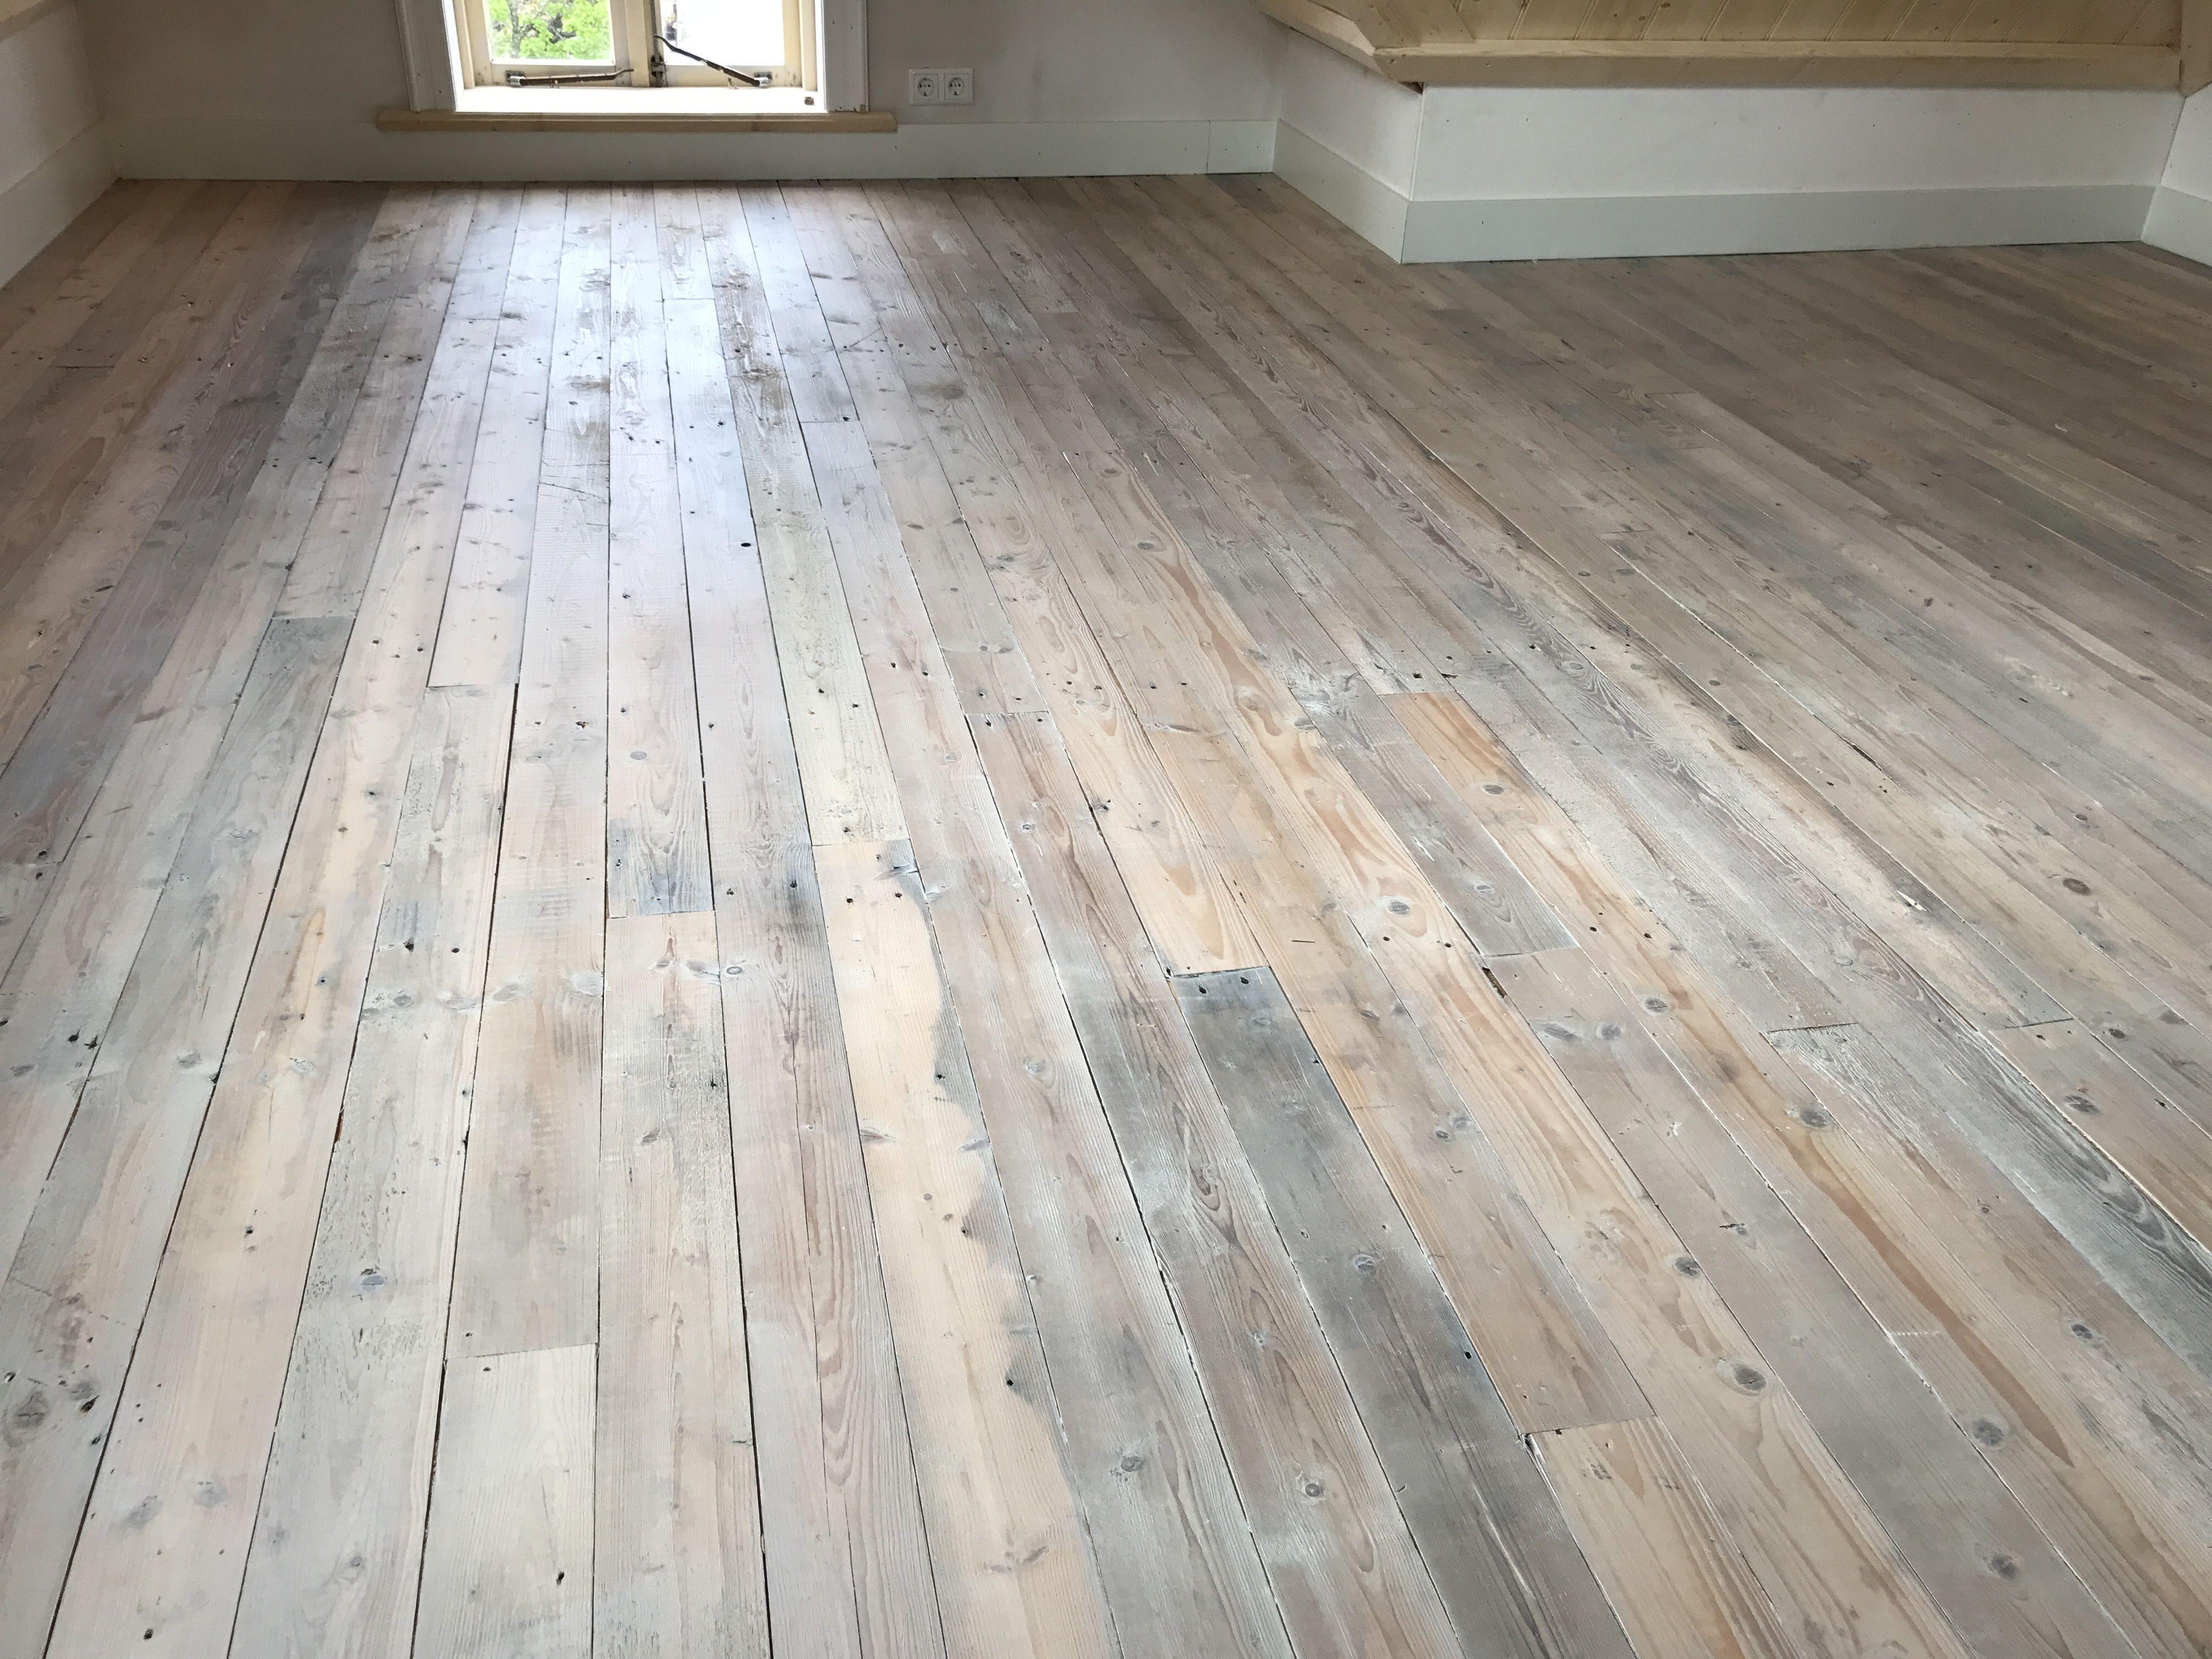 Houten Vloer Oud : Broad campden antieke eiken houten vloeren